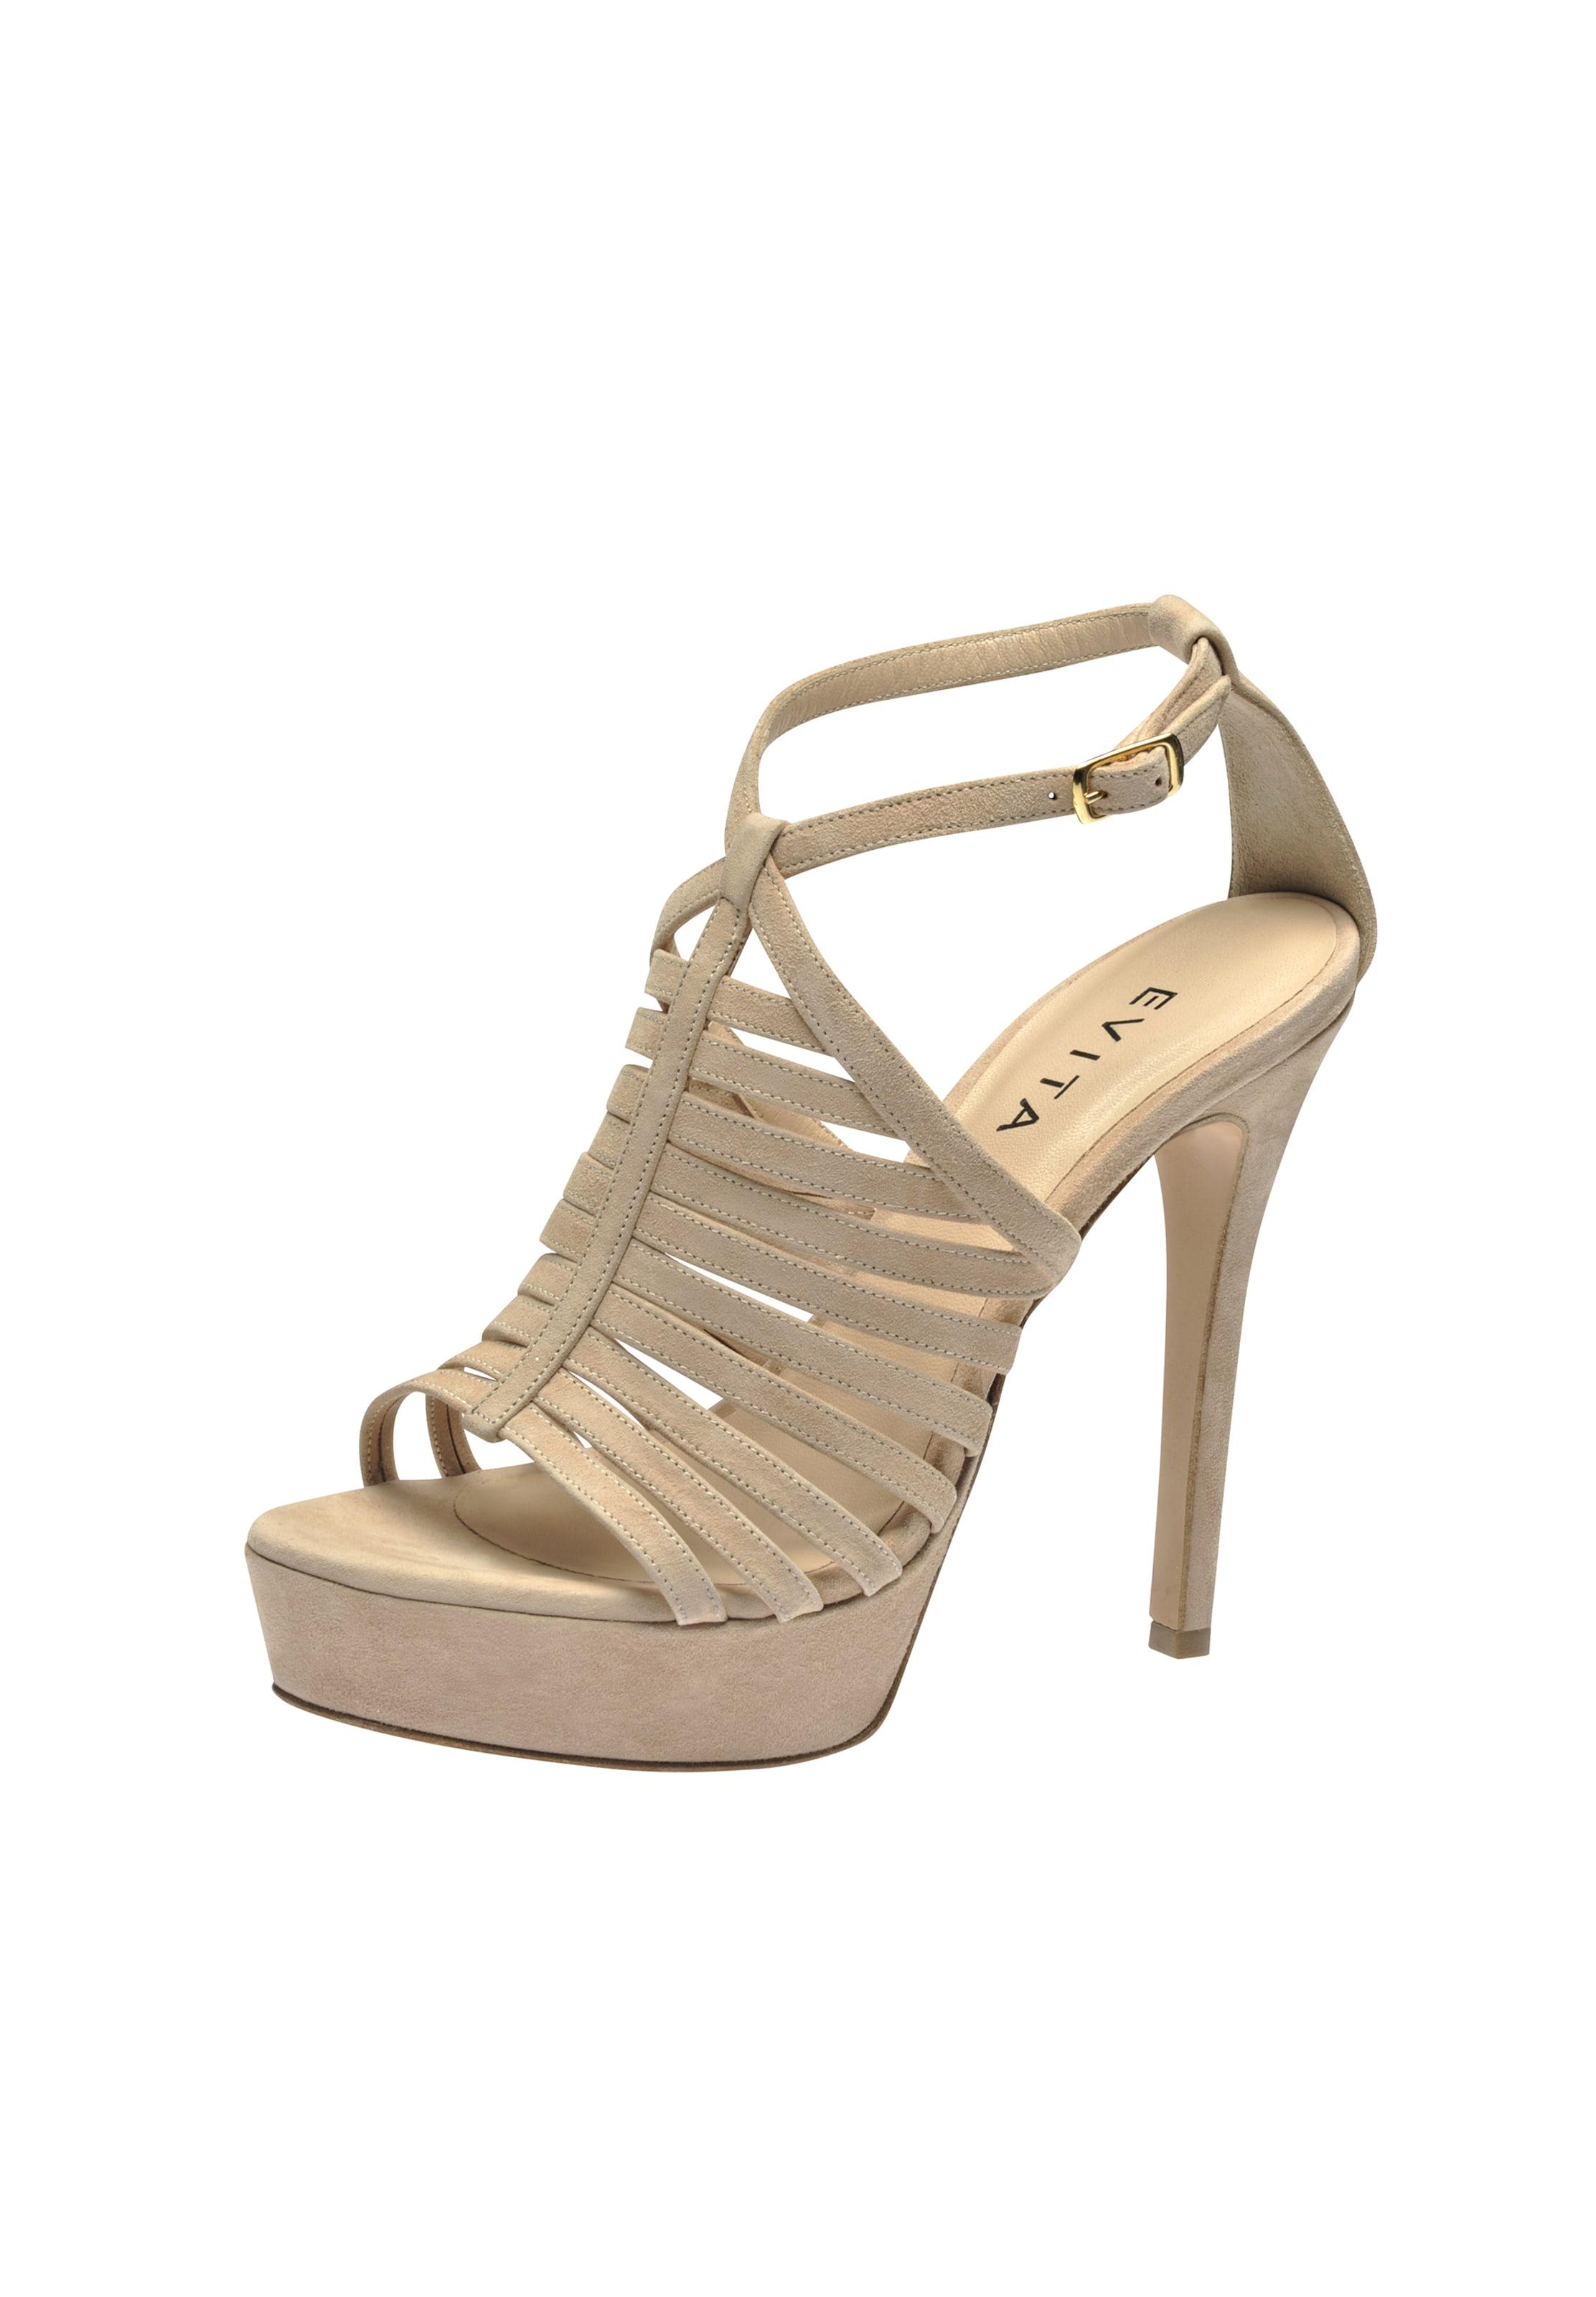 EVITA Sandalette Verschleißfeste billige Schuhe Hohe Qualität